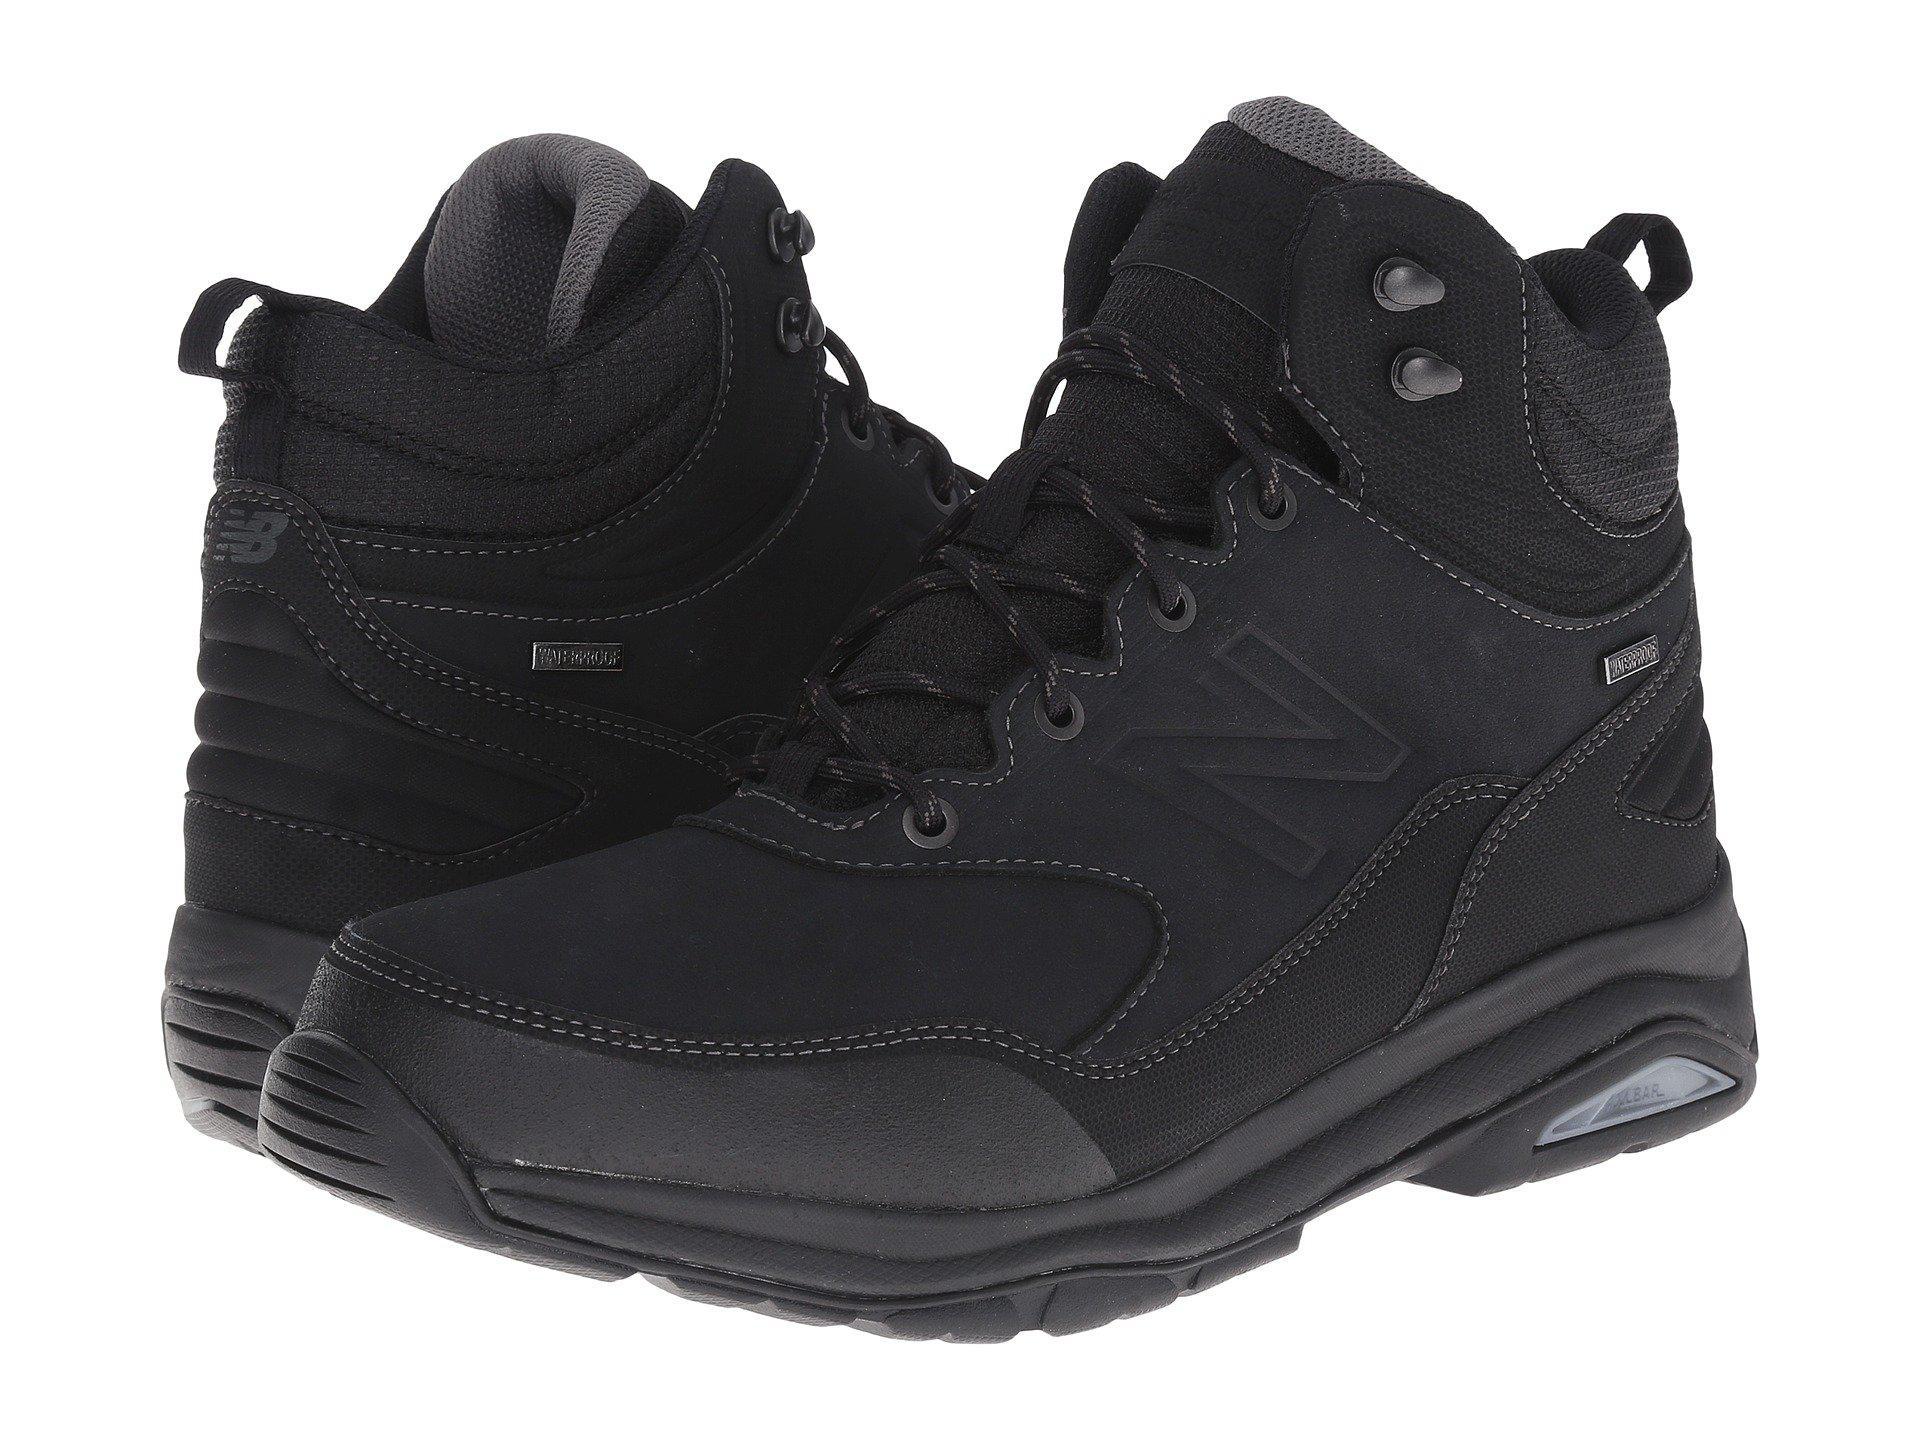 online retailer 4d2c0 e5999 new balance 1400 hiking boot